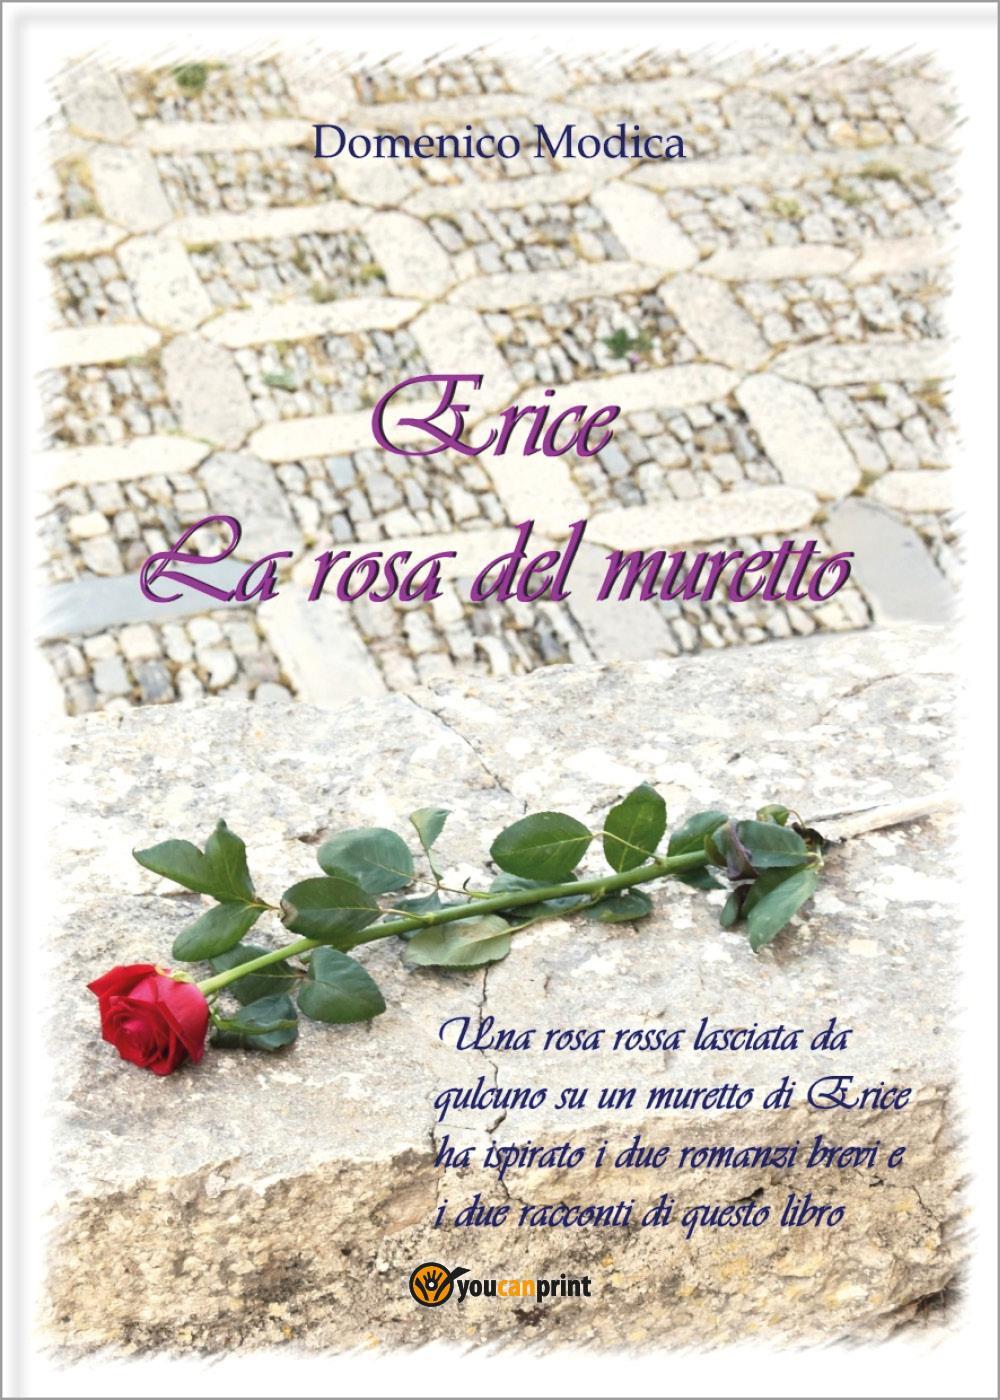 Erice - La rosa del muretto